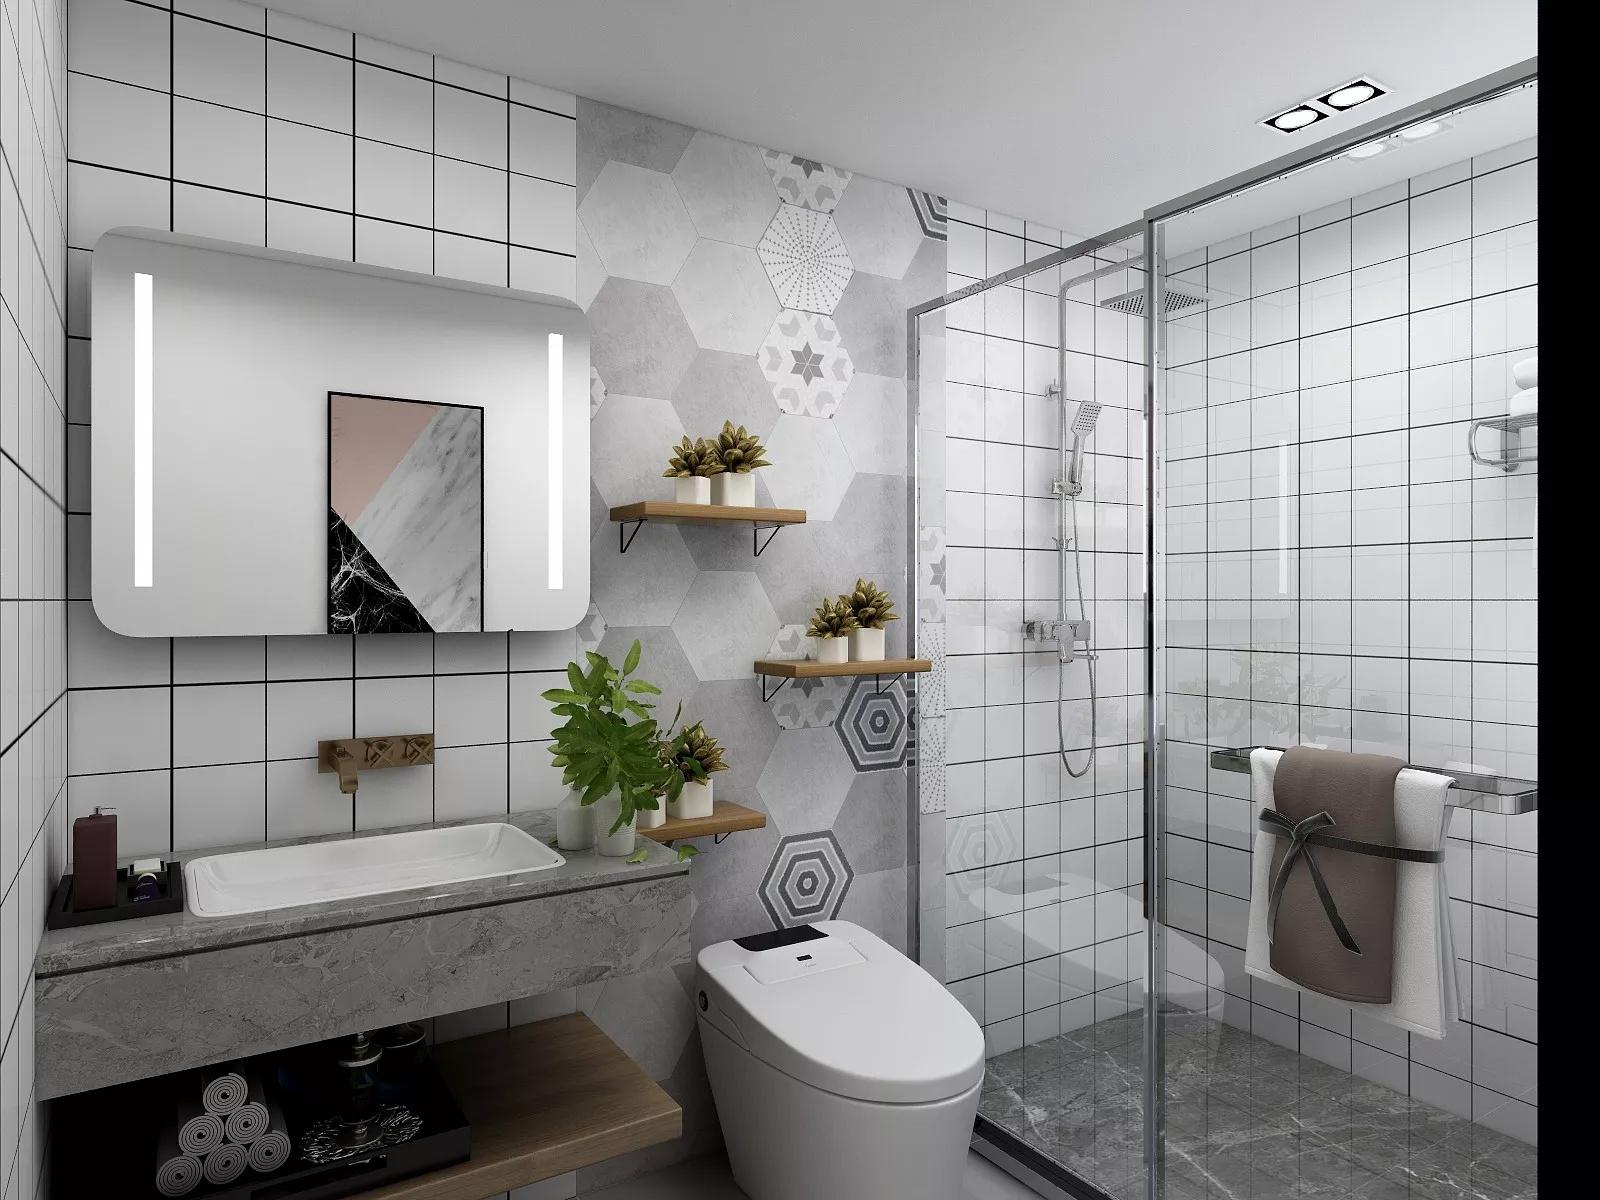 小户型北欧风格公寓家居装修效果图